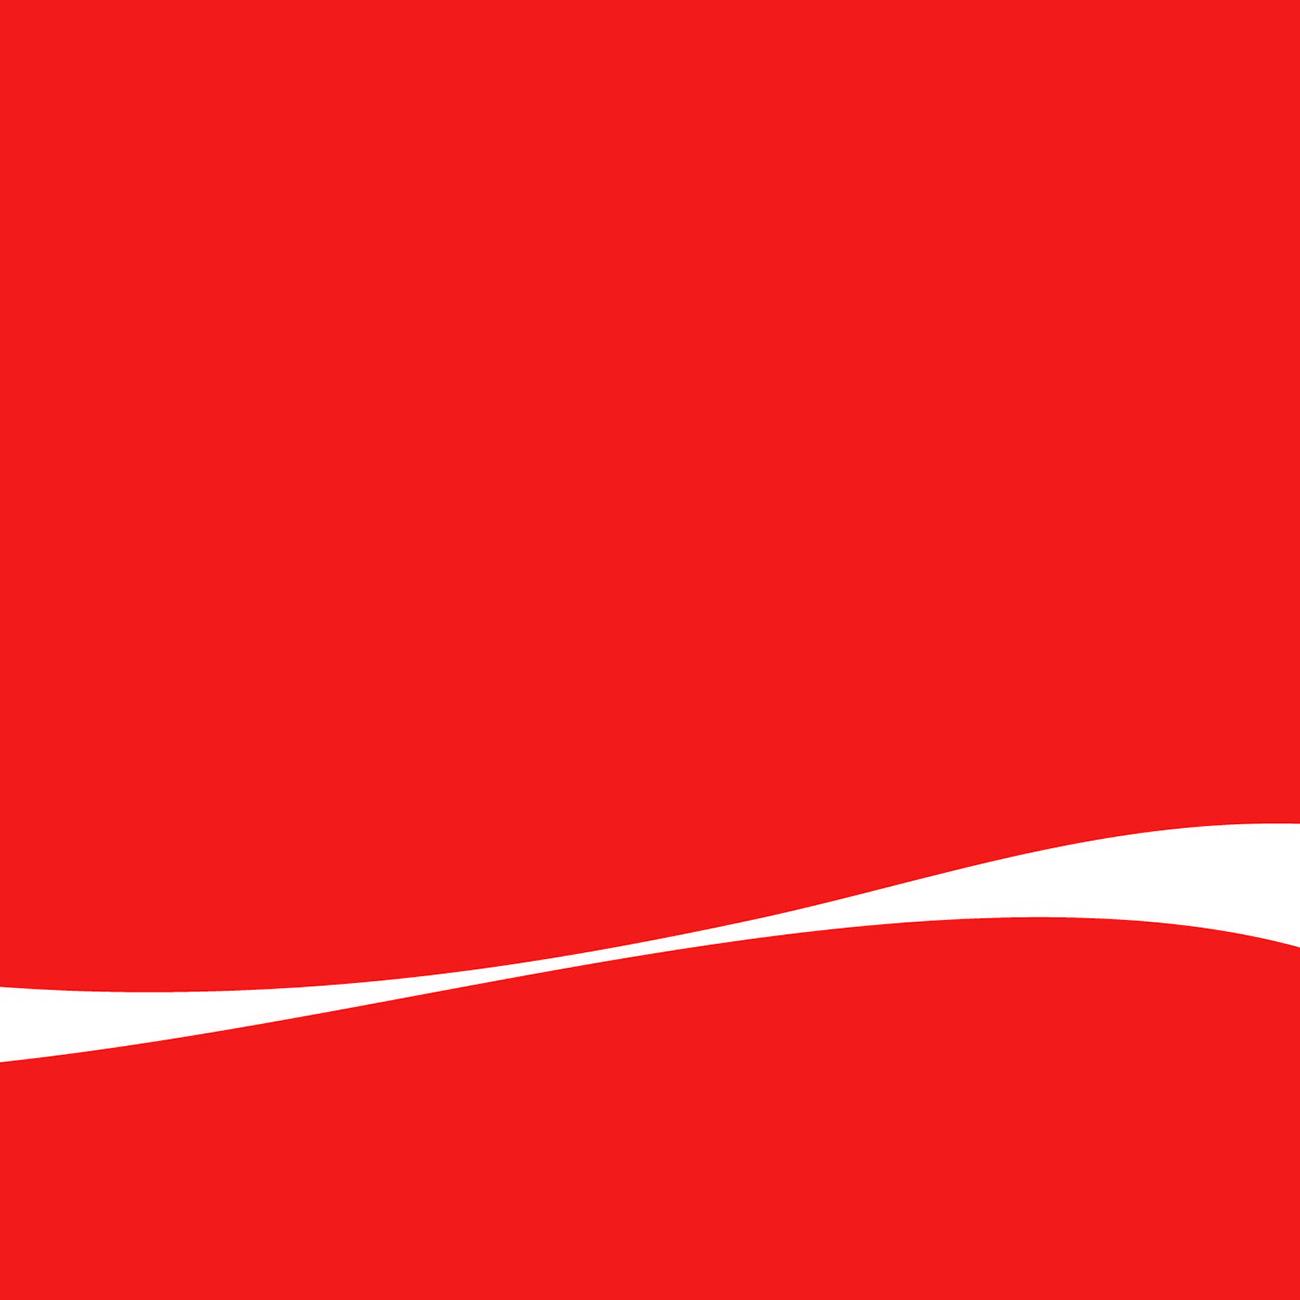 Corporate-big